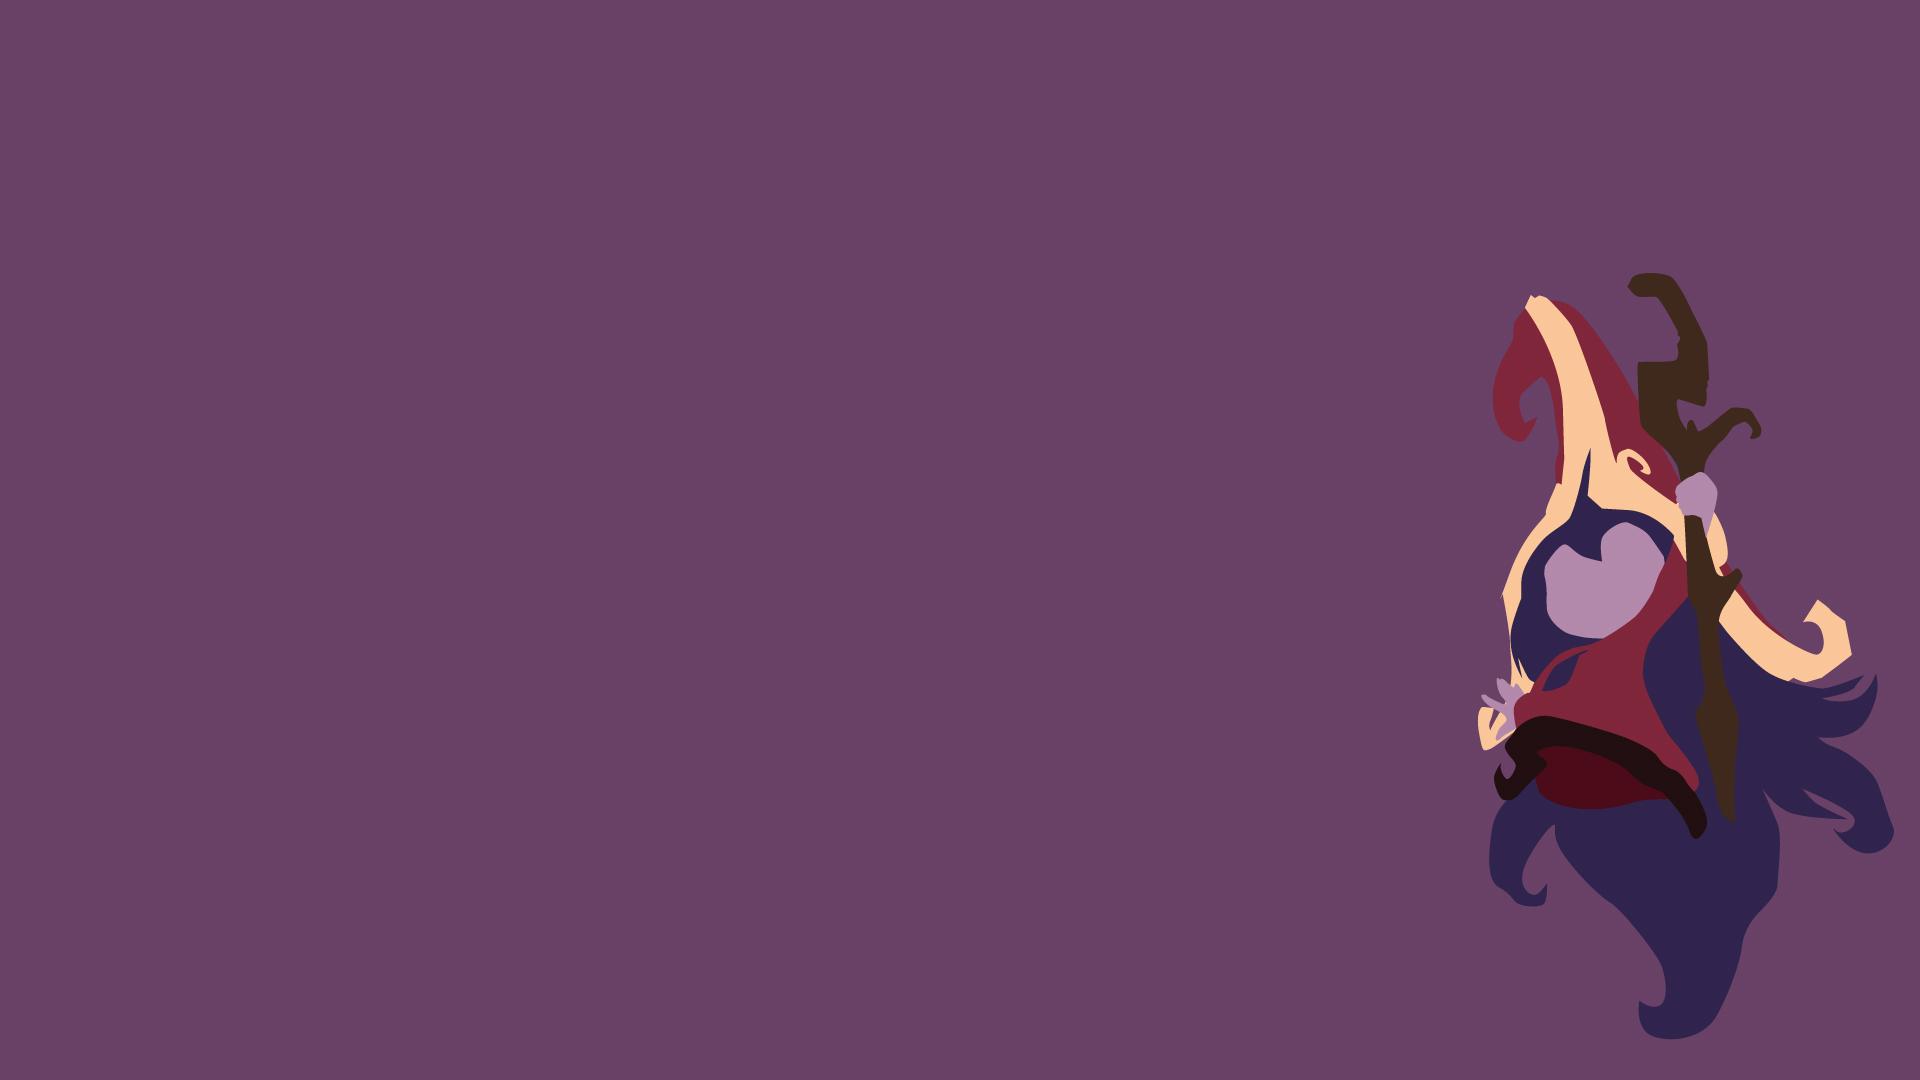 Lol Cute Riven Wallpaper Lulu Minimalistic Fan Art League Of Legends Wallpapers